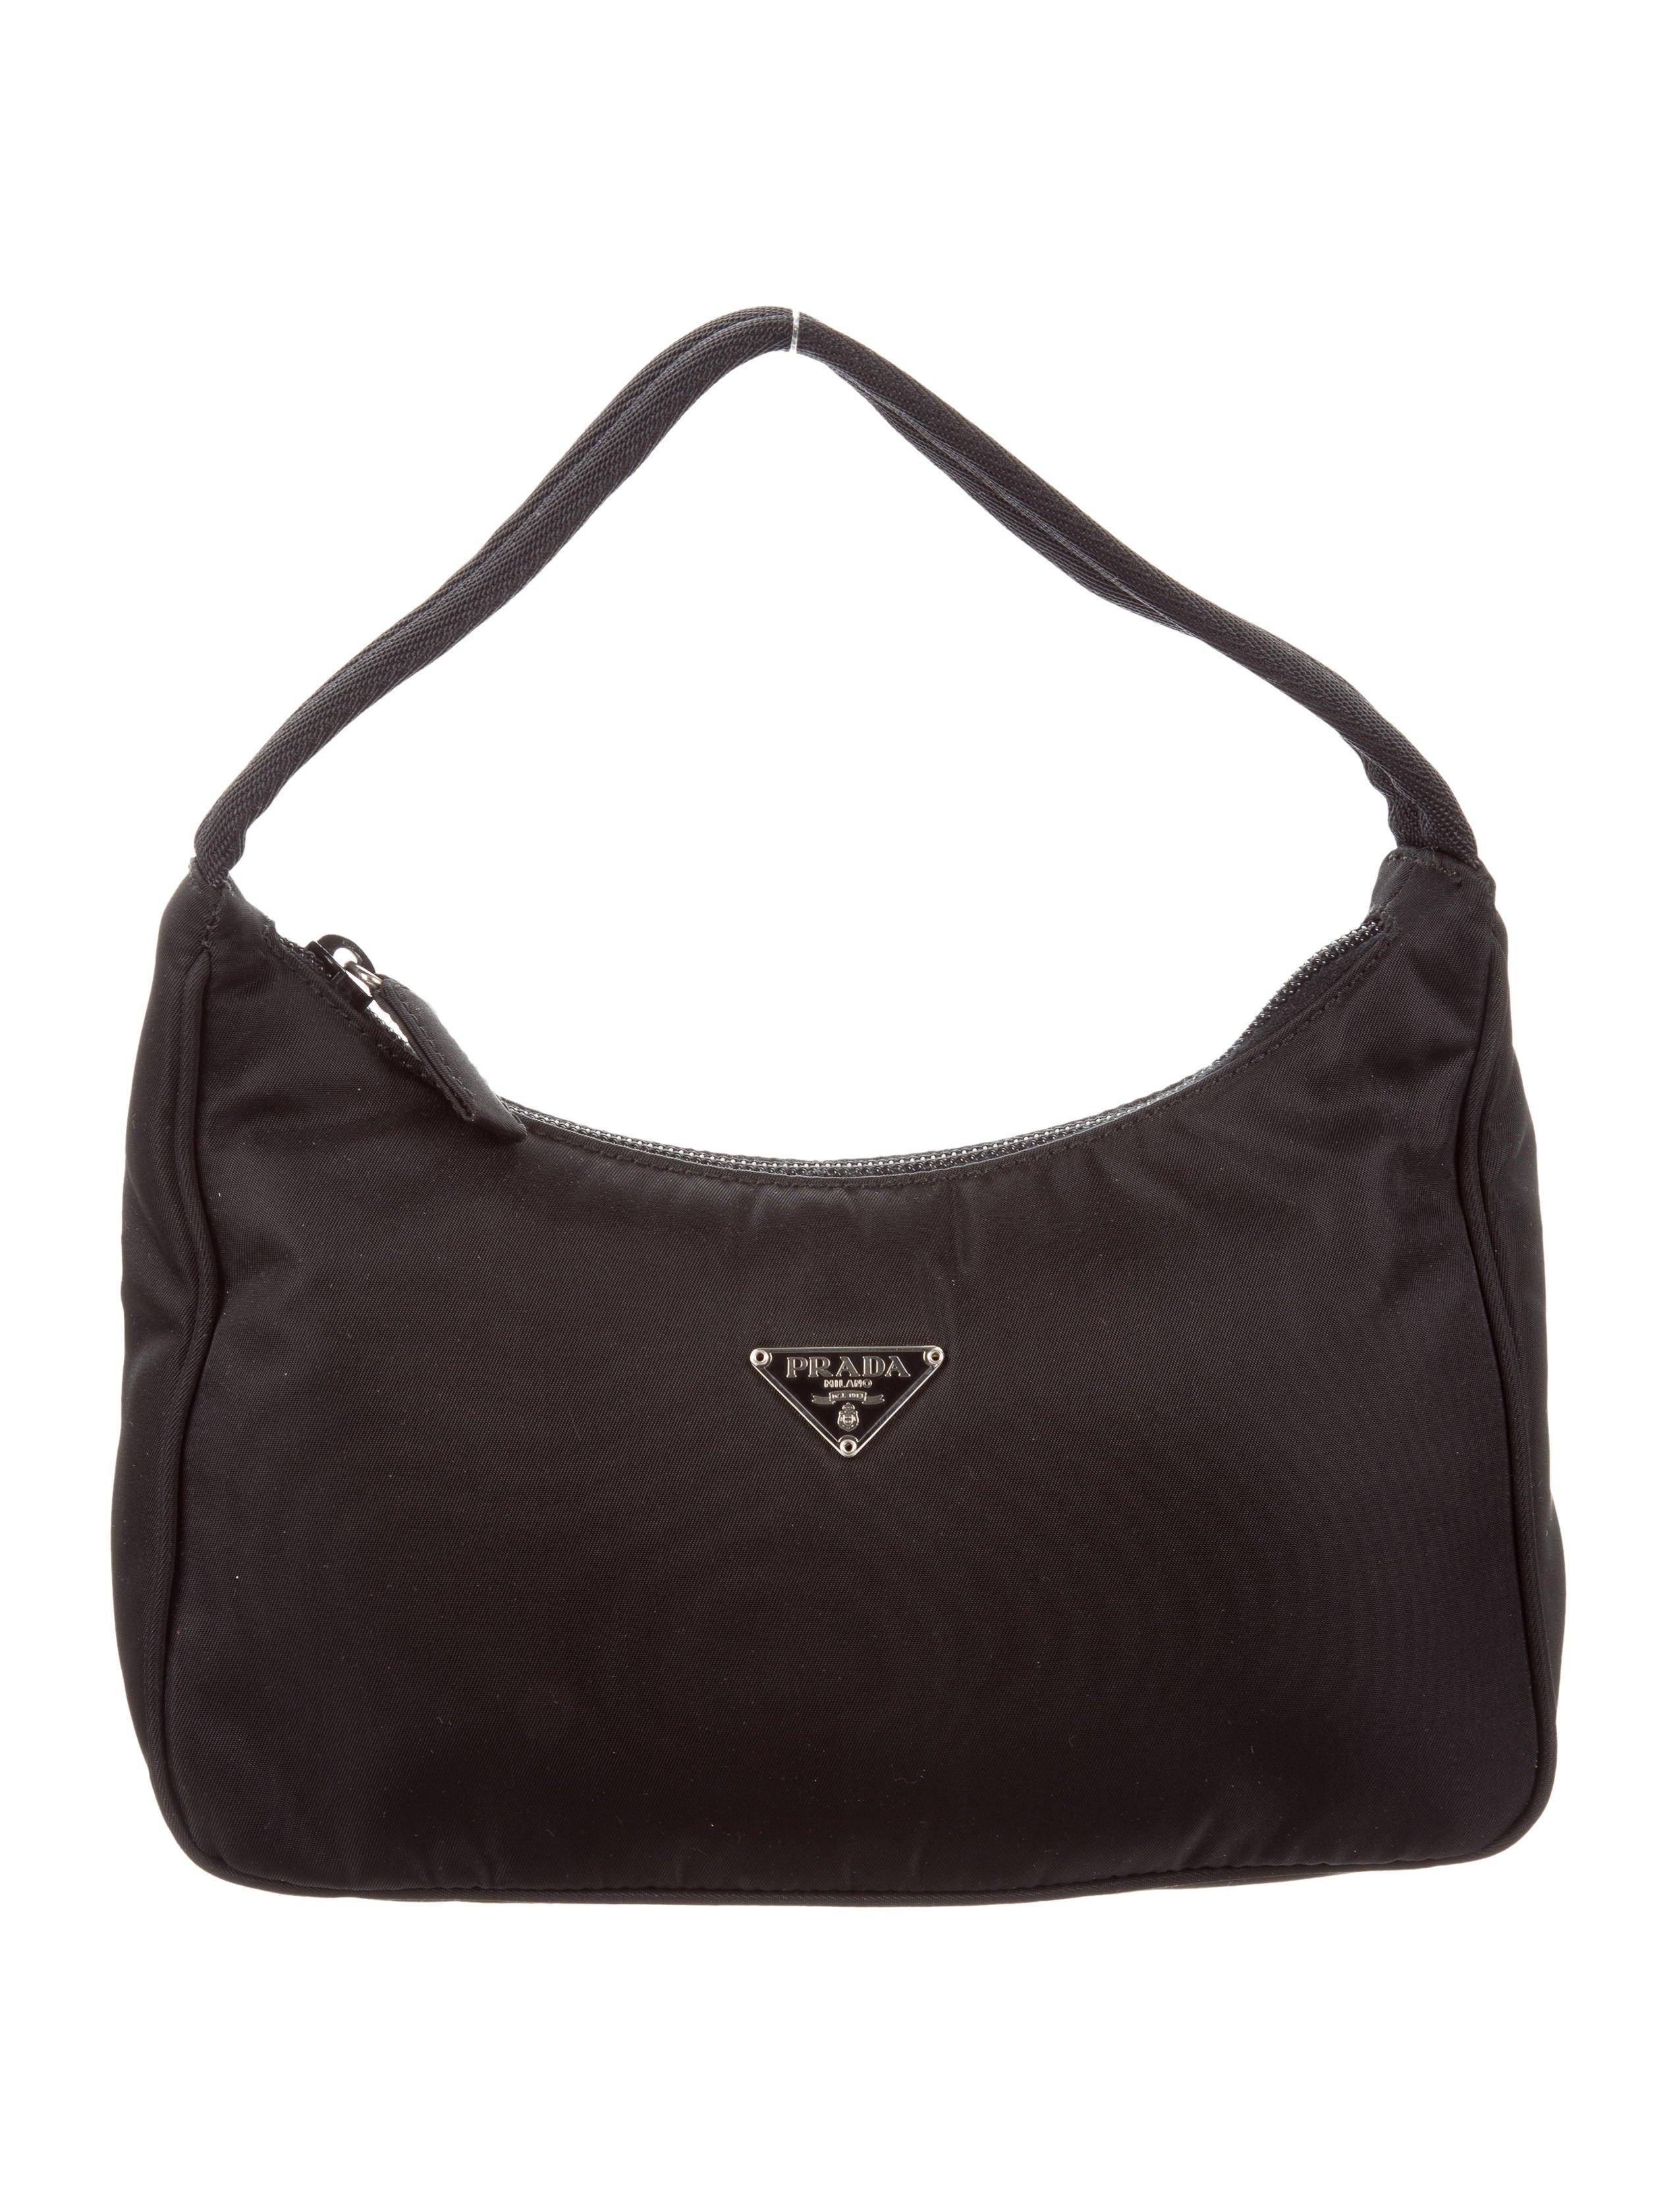 501b674303ad Prada Tessuto Sport Necessaire Bag - Handbags - PRA174016 | The RealReal